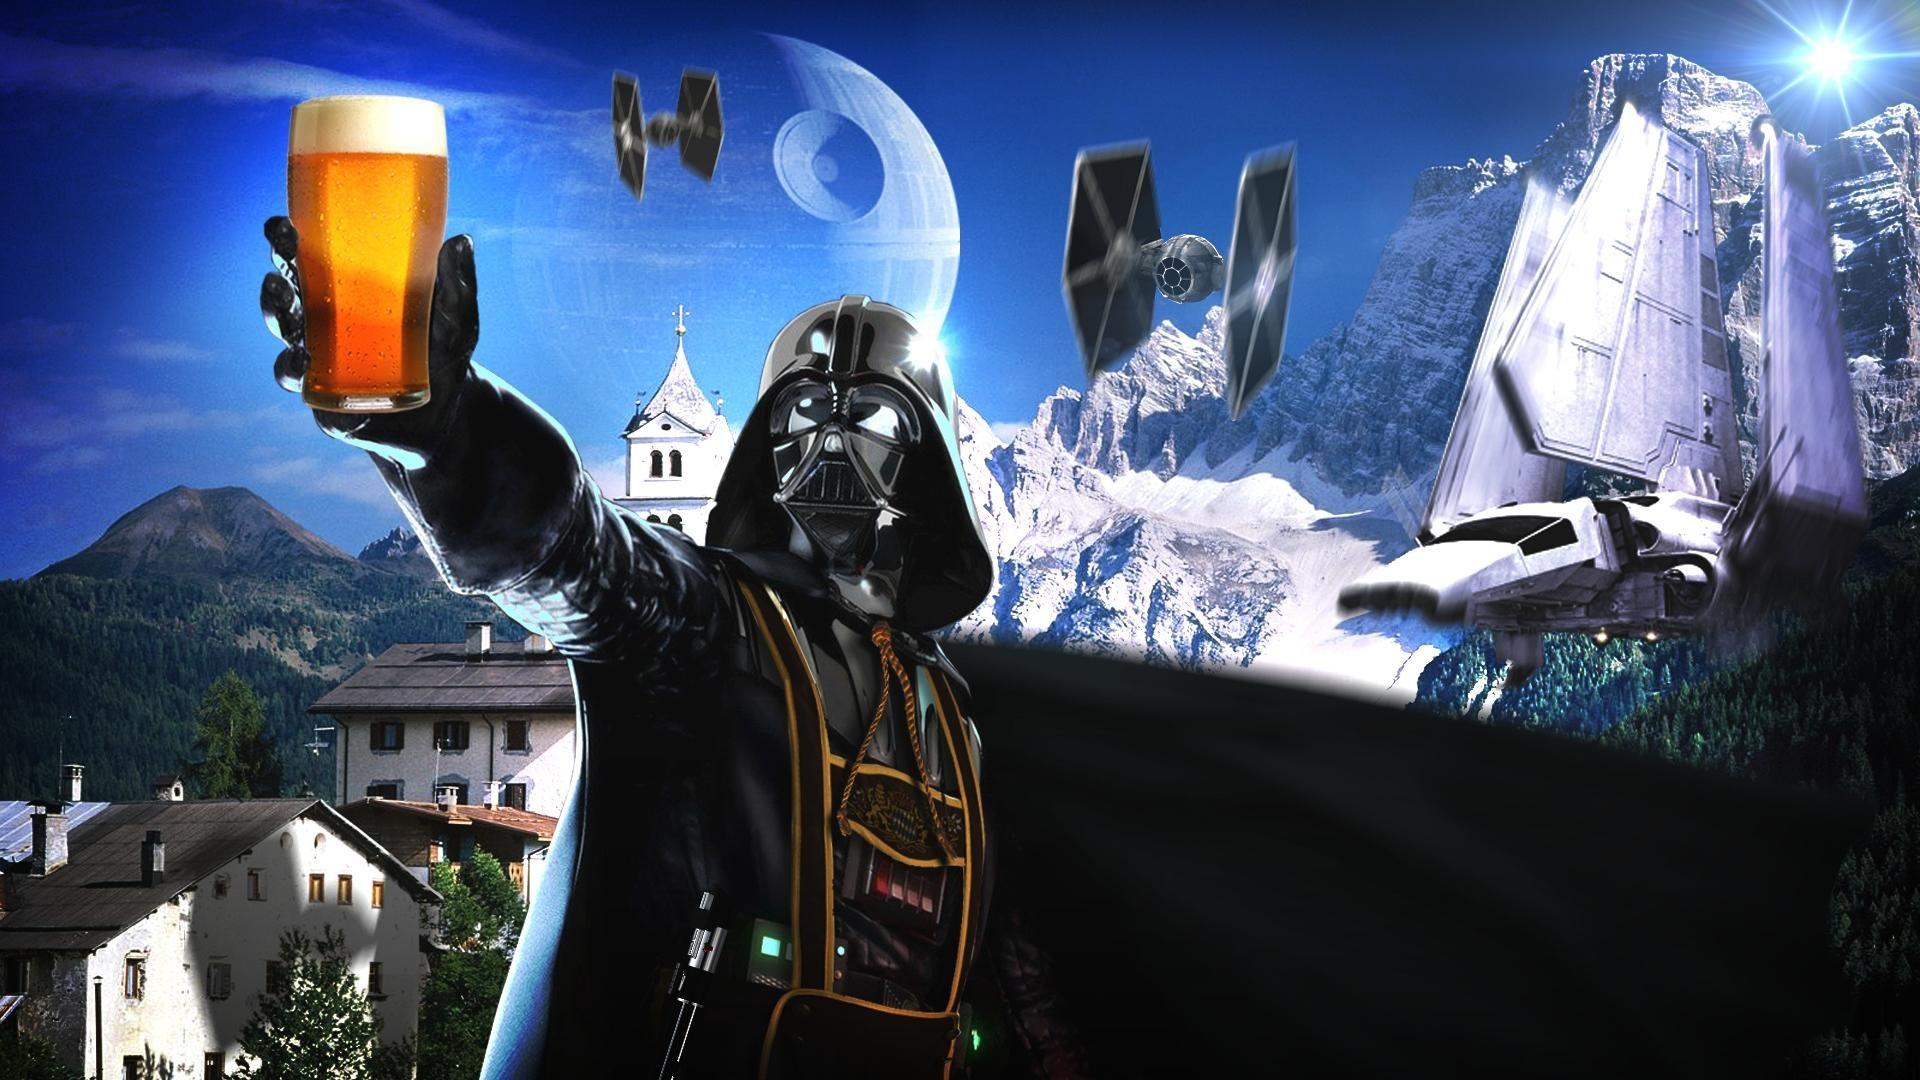 Beers Star Wars Darth Vader Sith German Alps Sci Fi Science Spaceships  Spacecraft Wide